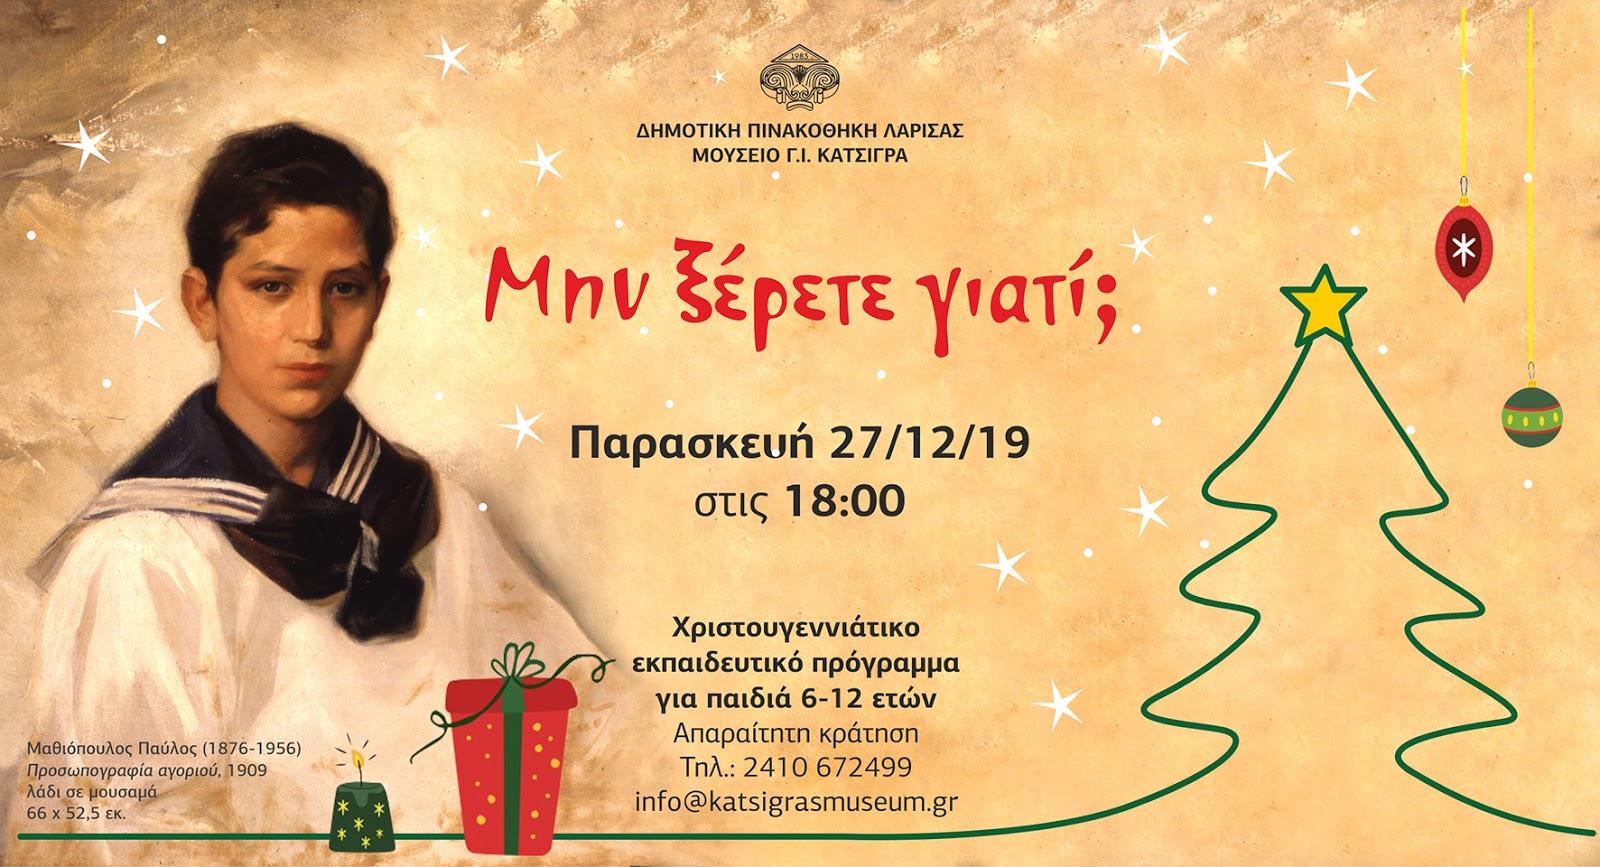 «Μην ξέρετε γιατί;»: Χριστουγεννιάτικο εργαστήρι για παιδιά στη Δημοτική Πινακοθήκη Λάρισας